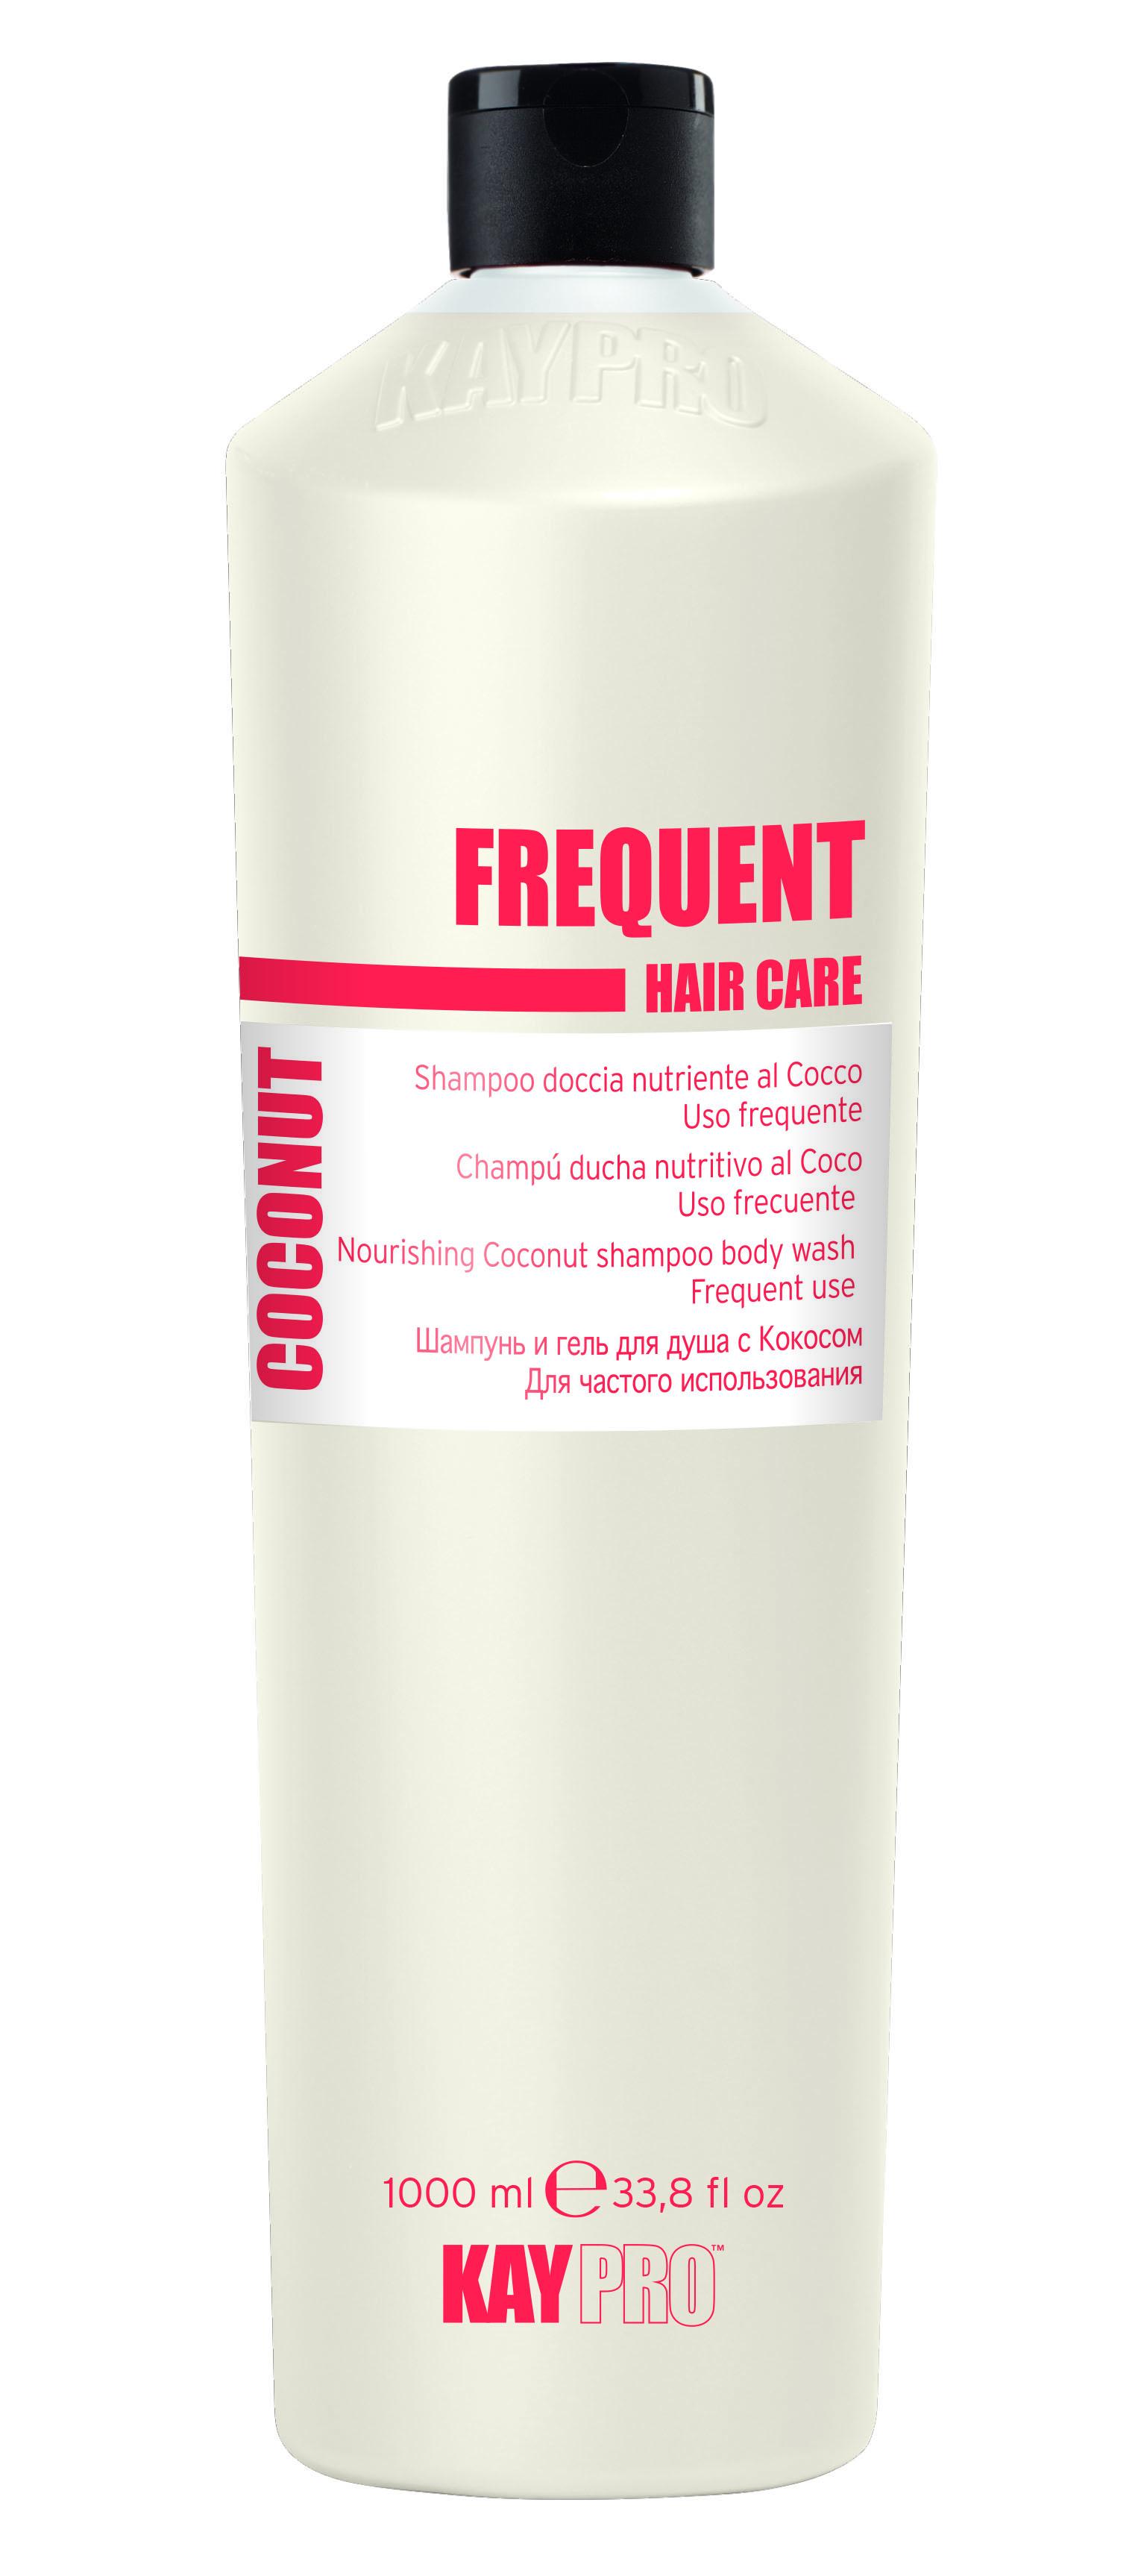 KAYPRO Шампунь и гель для душа с кокосом для частого использования / KAYPRO 1000млГели<br>ШАМПУНЬ И ГЕЛЬ ДЛЯ ДУША С КОКОСОМ ДЛЯ ЧАСТОГО ИСПОЛЬЗОВАНИЯ. Идеально подходит для всех типов волос, оказывает питательное и смягчающее действие. Формула с физиологическим уровнем pH делает его особенно подходящим для ежедневного очищения волос и тела. Активные ингредиенты: экстракт кокоса. Способ применения: нанести на мокрое тело и волосы, помассировать, после чего смыть водой.<br><br>Объем: 1000 мл